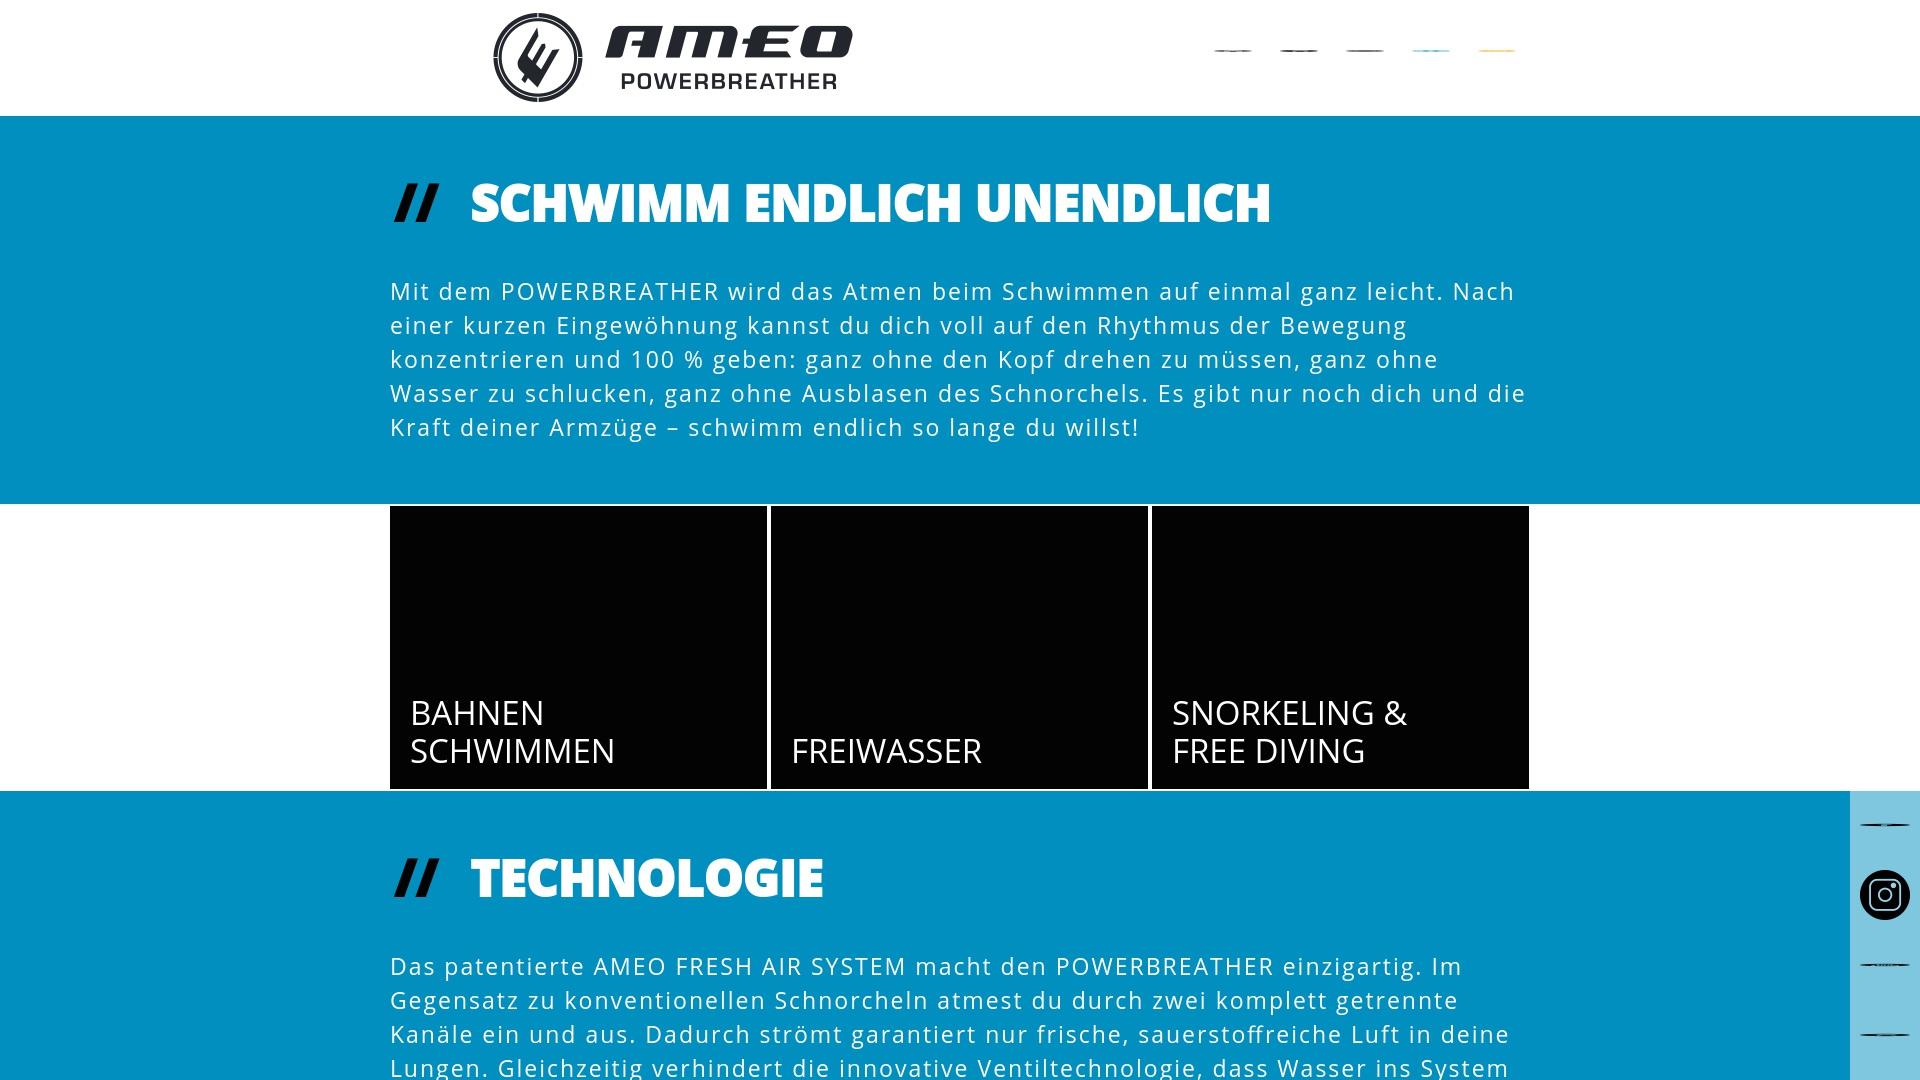 Gutschein für Ameo: Rabatte für  Ameo sichern